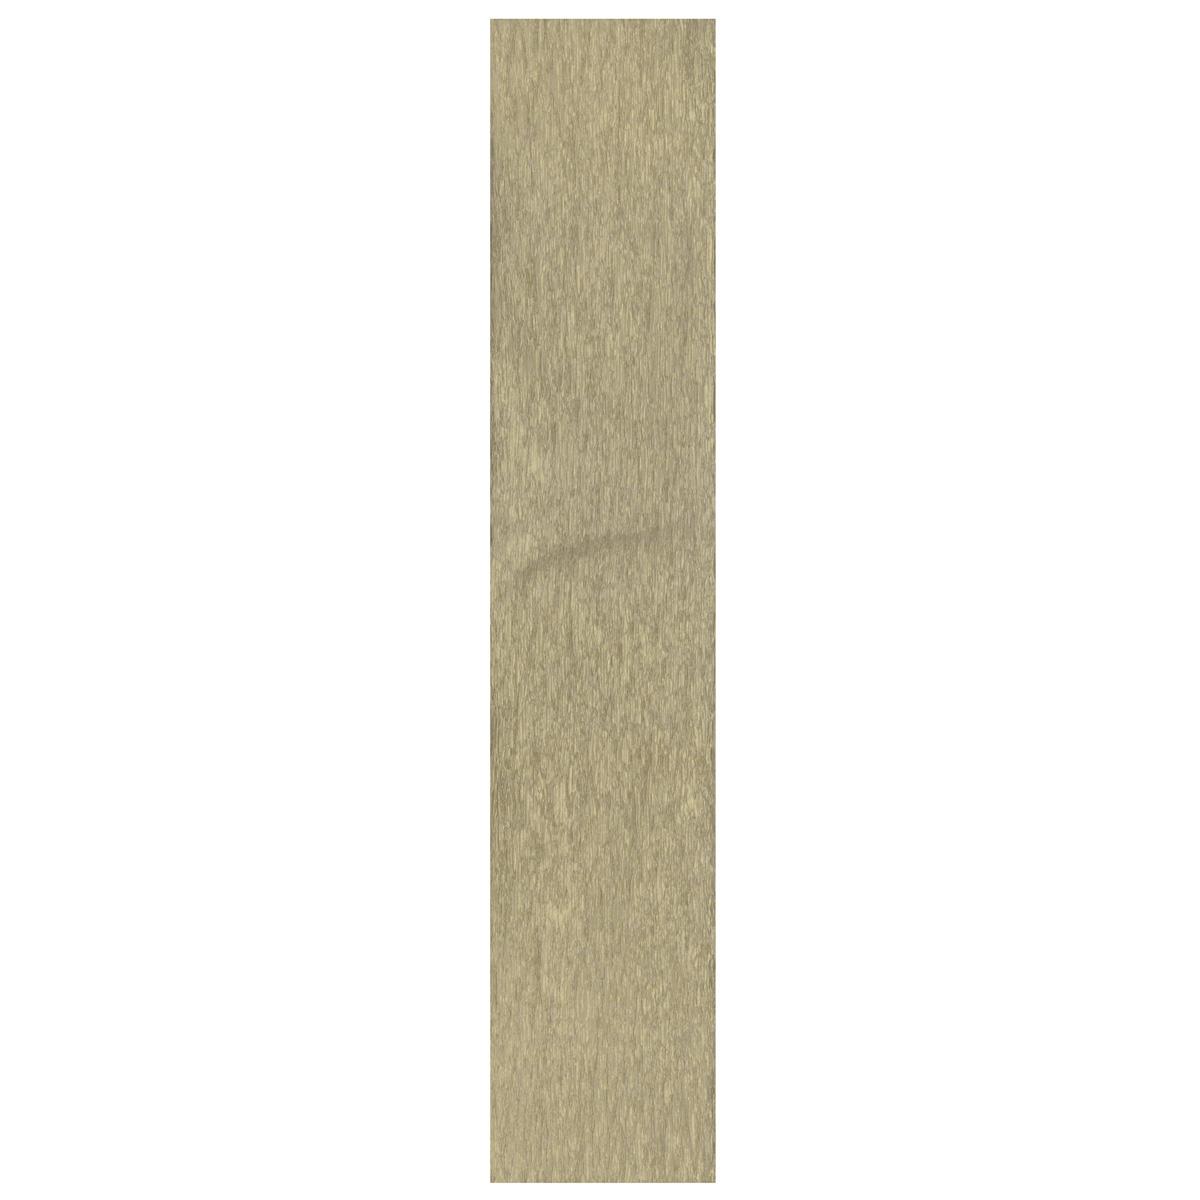 Бумага креповая Folia, цвет: золотистый (25), 50 см x 2,5 м7704482_25Бумага креповая Folia - прекрасный материал для декорирования, украшения интерьера, изготовления искусственных цветов, эффектной упаковки и различных поделок. Бумага прекрасно держит форму, отлично крепится и замечательно подходит для изготовления праздничной упаковки для цветов.